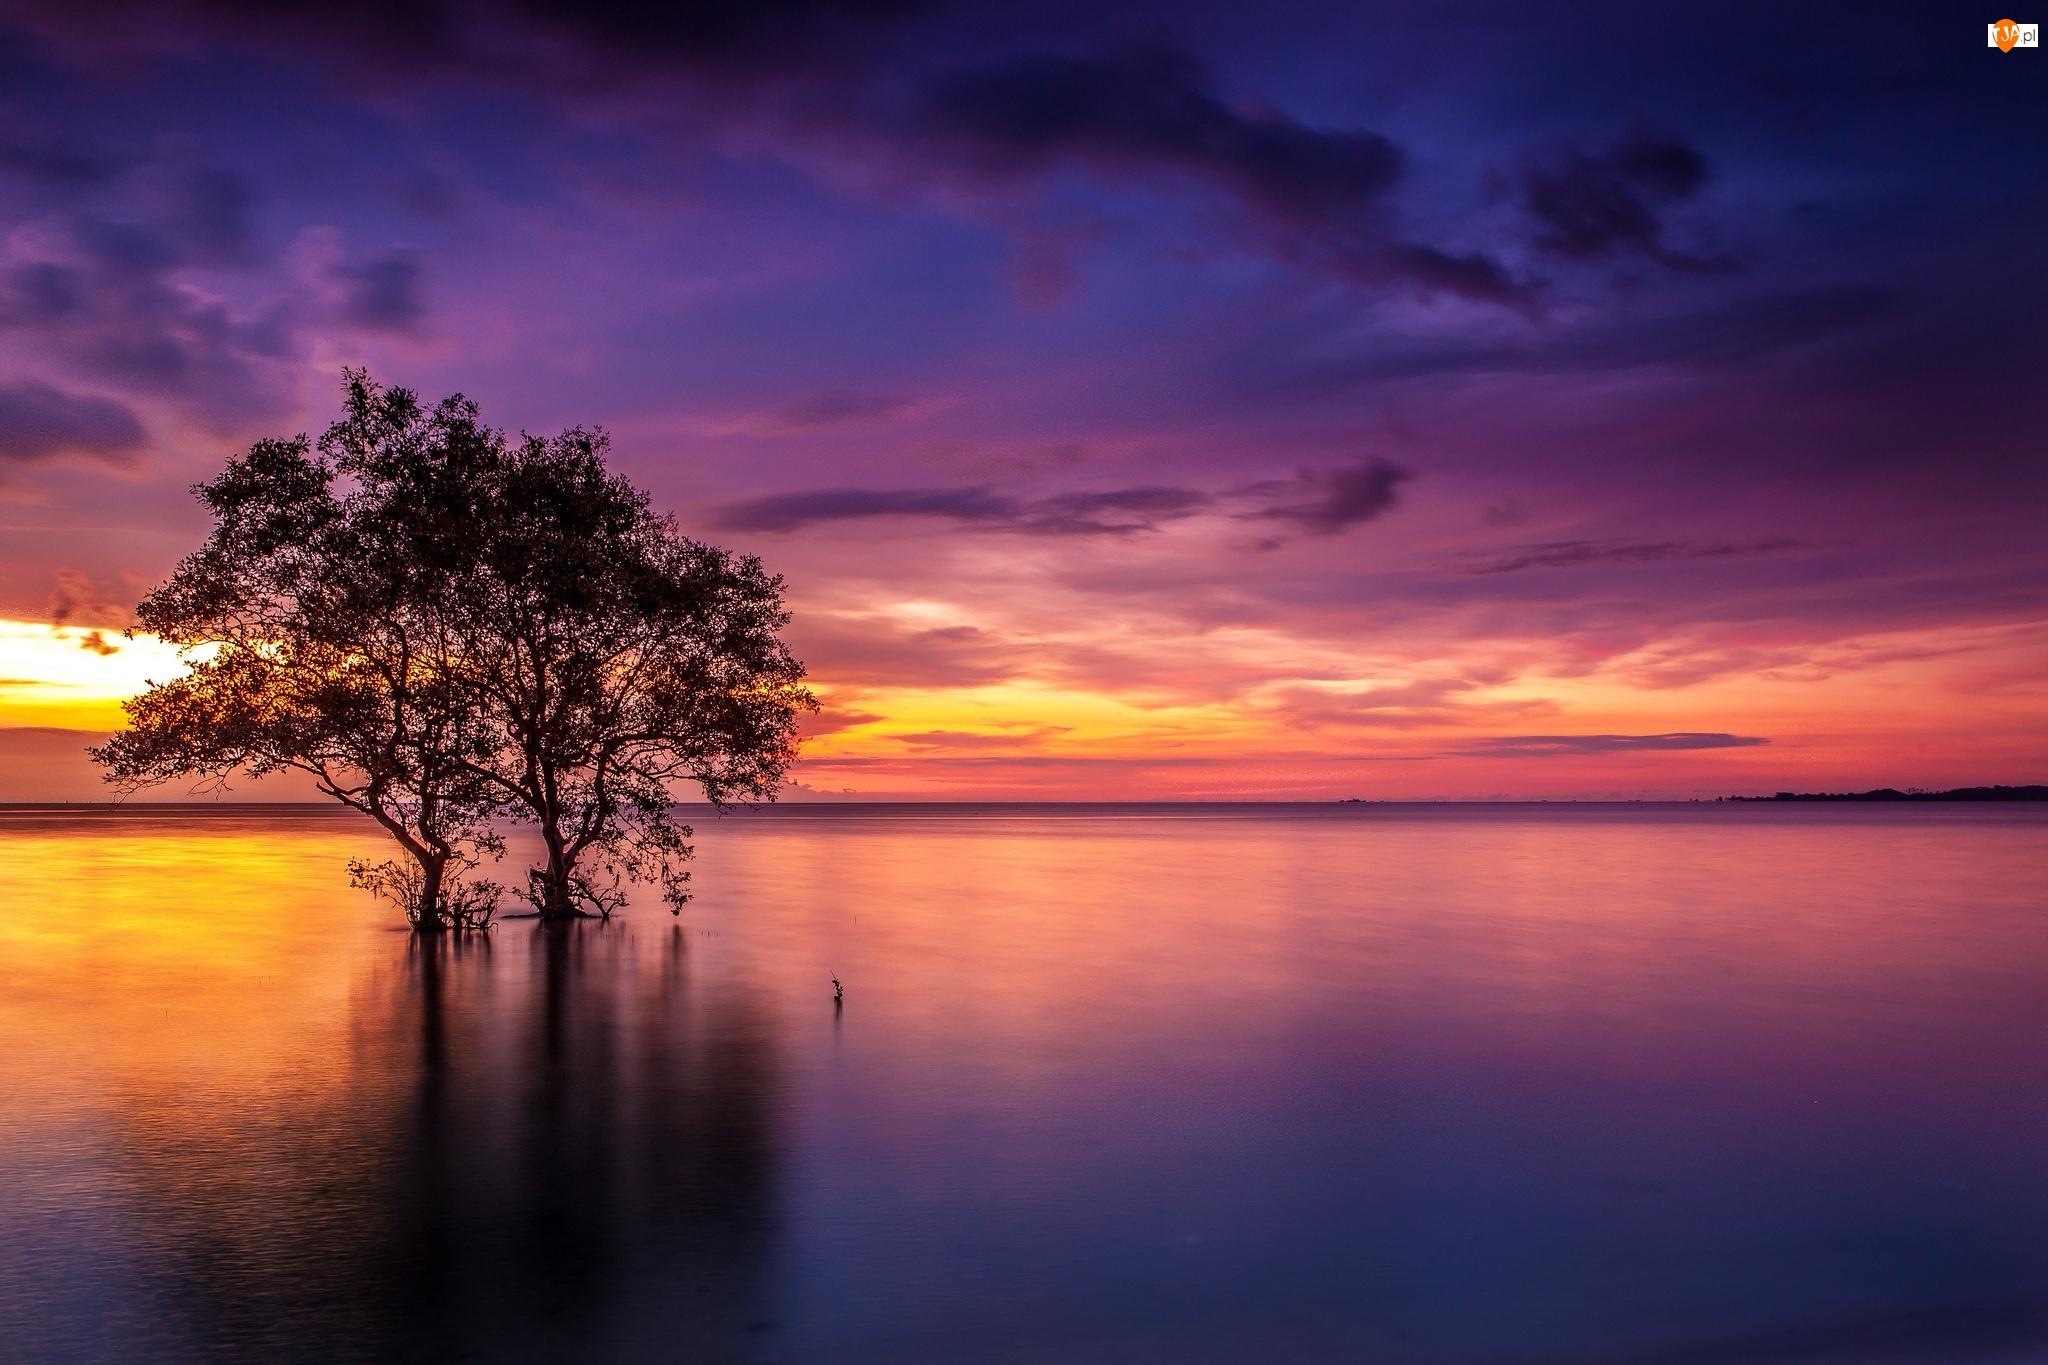 Zachód słońca, Jezioro, Drzewo